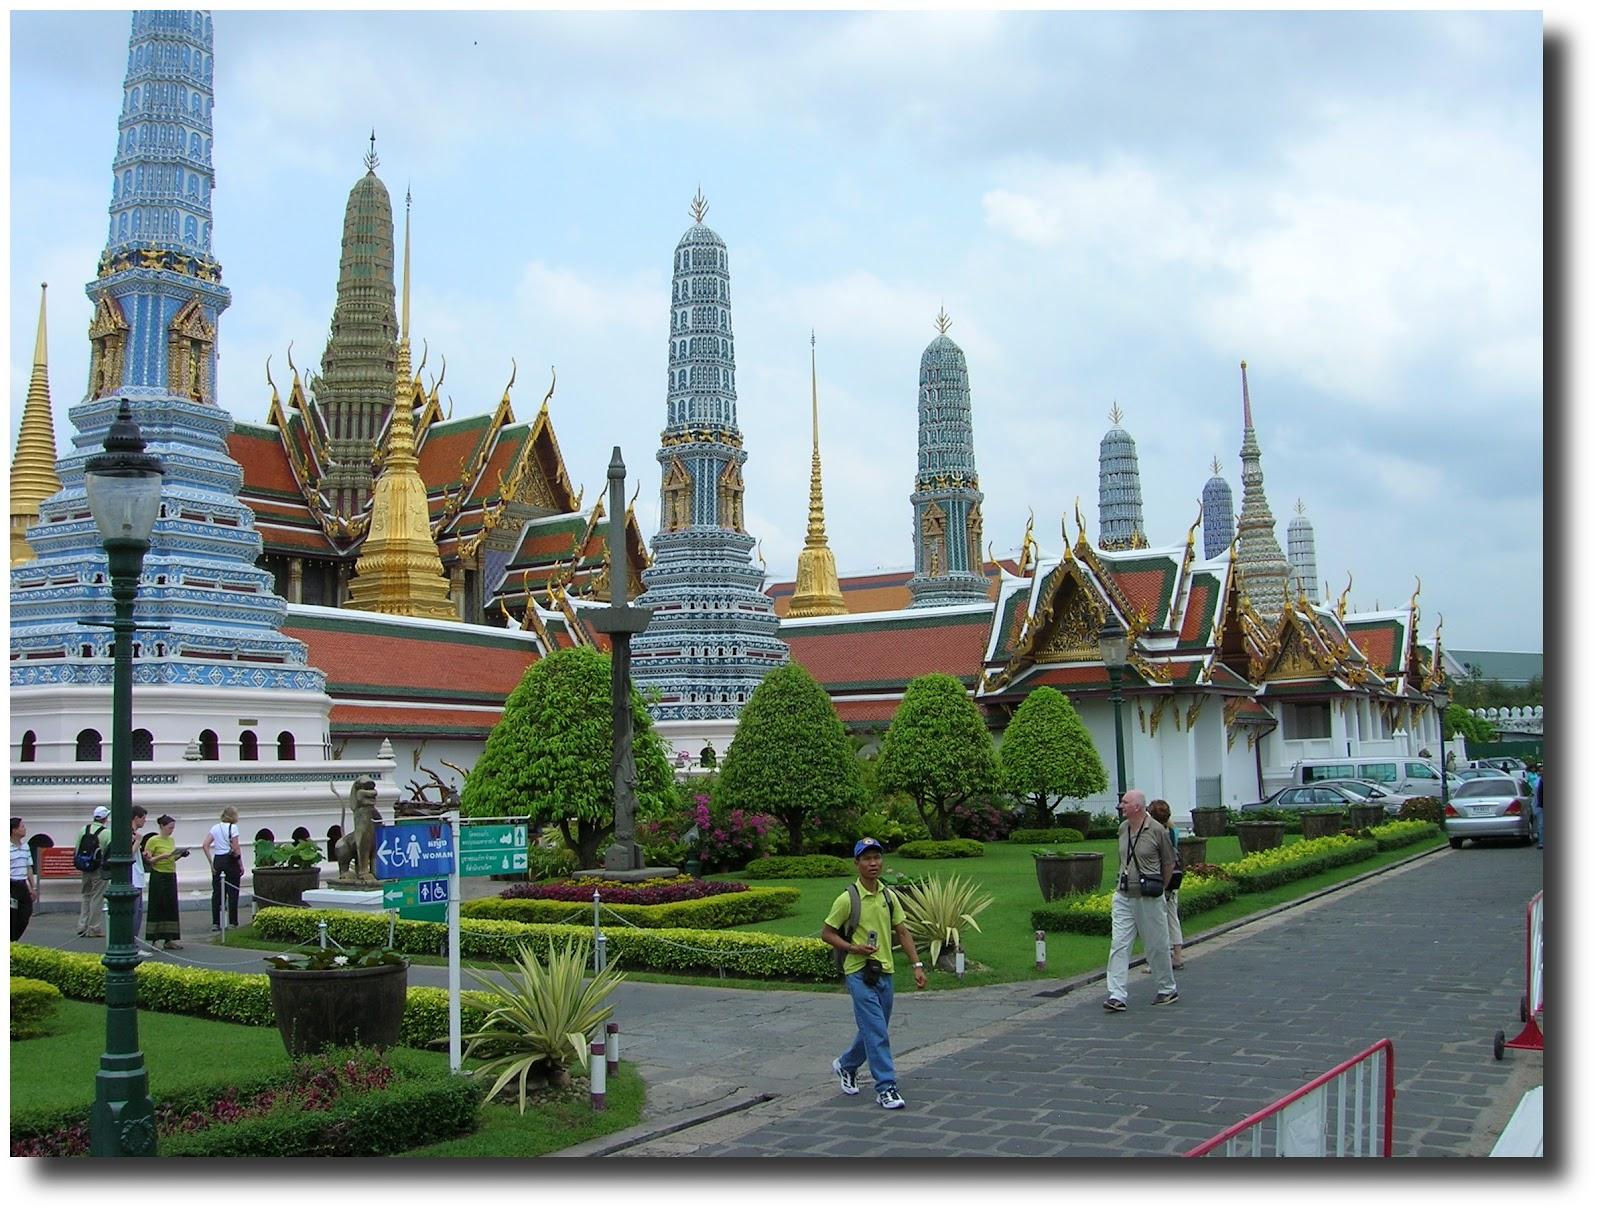 Palacio real, Bangkok, Tailandia,vuelta al mundo, round the world, La vuelta al mundo de Asun y Ricardo, mundoporlibre.com